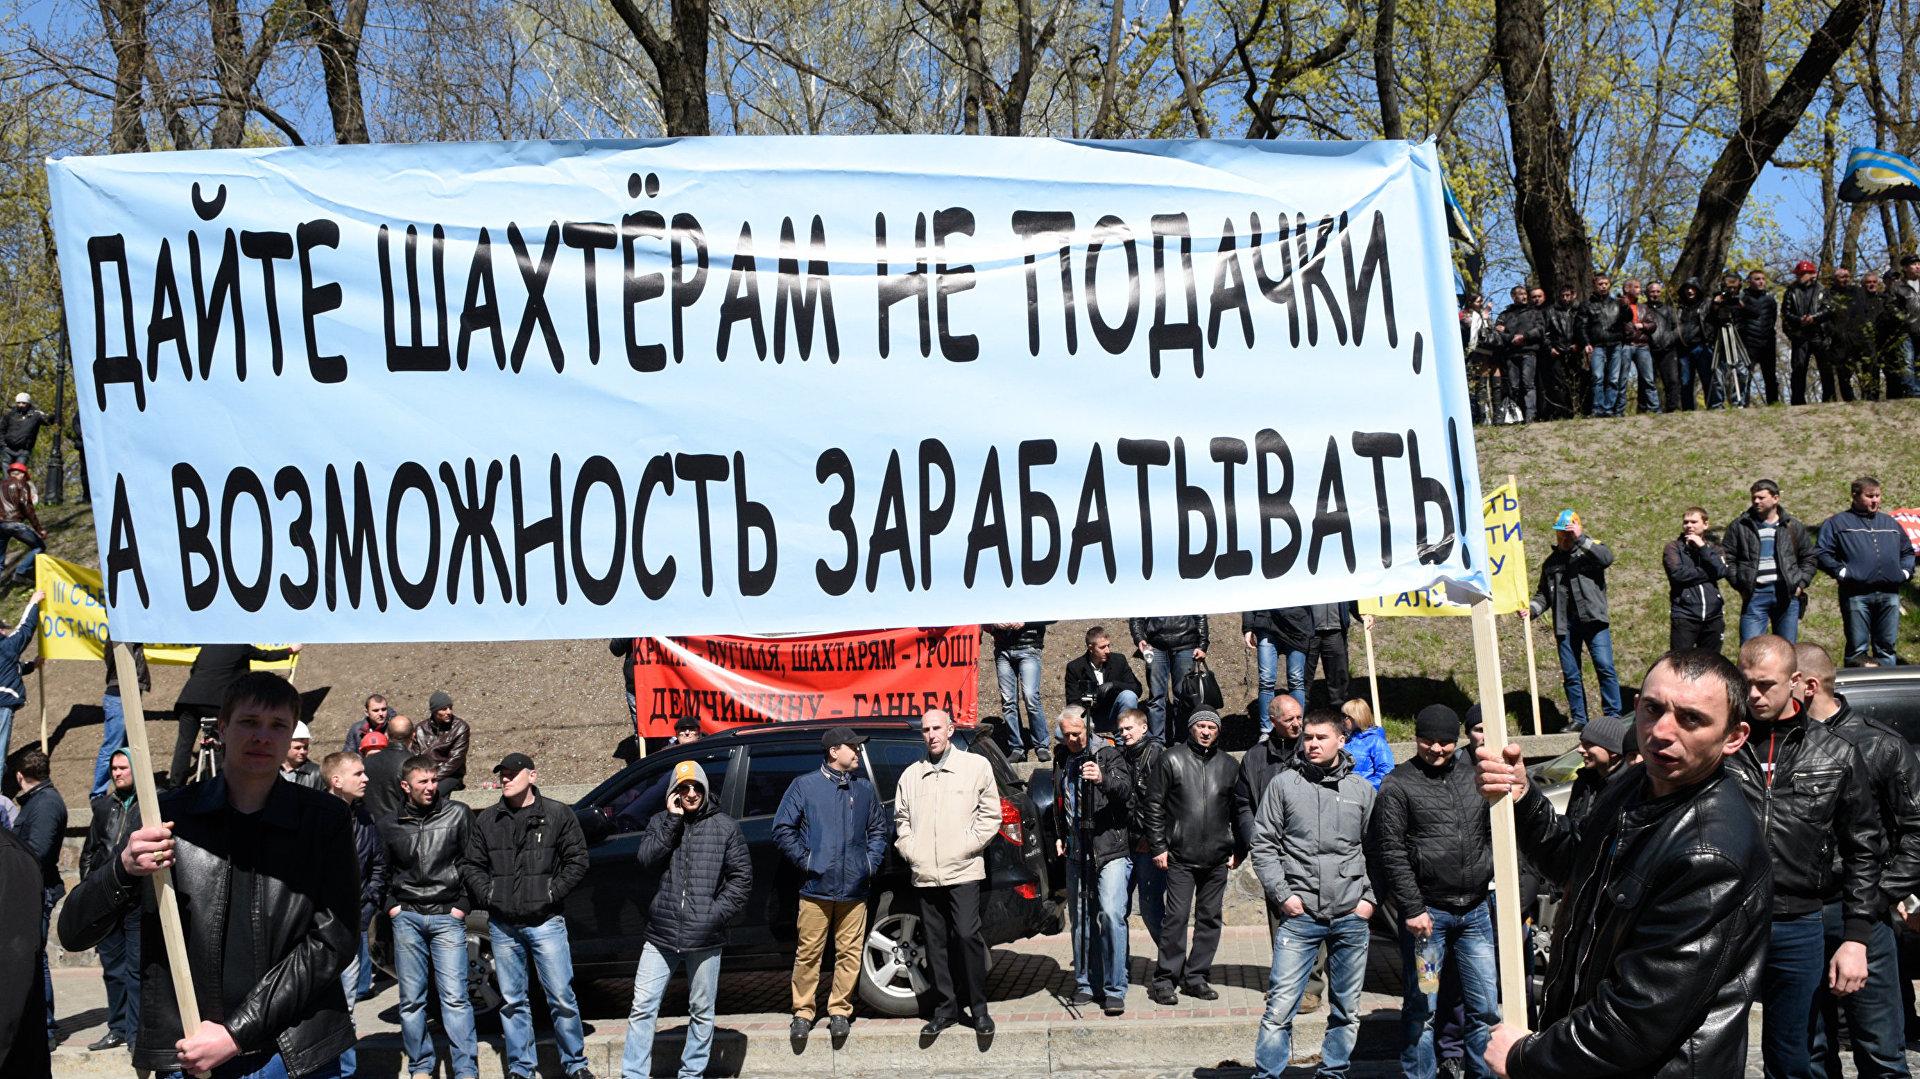 http://ukraina.ru/images/101288/49/1012884977.jpg